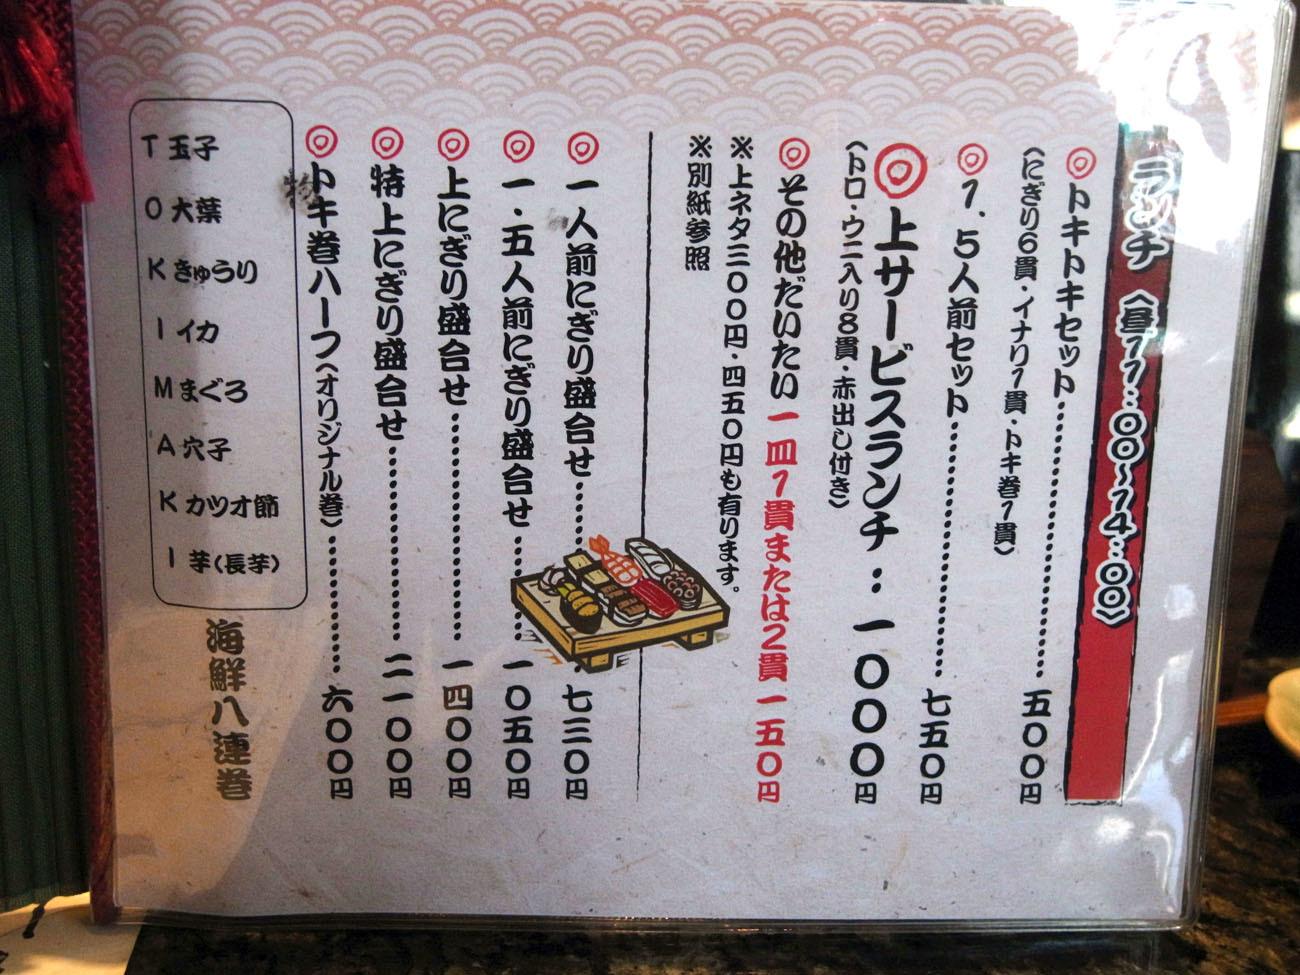 コスパ良し!!〔黒門ときすし/寿司/地下鉄日本橋〕_f0195971_08464002.jpg